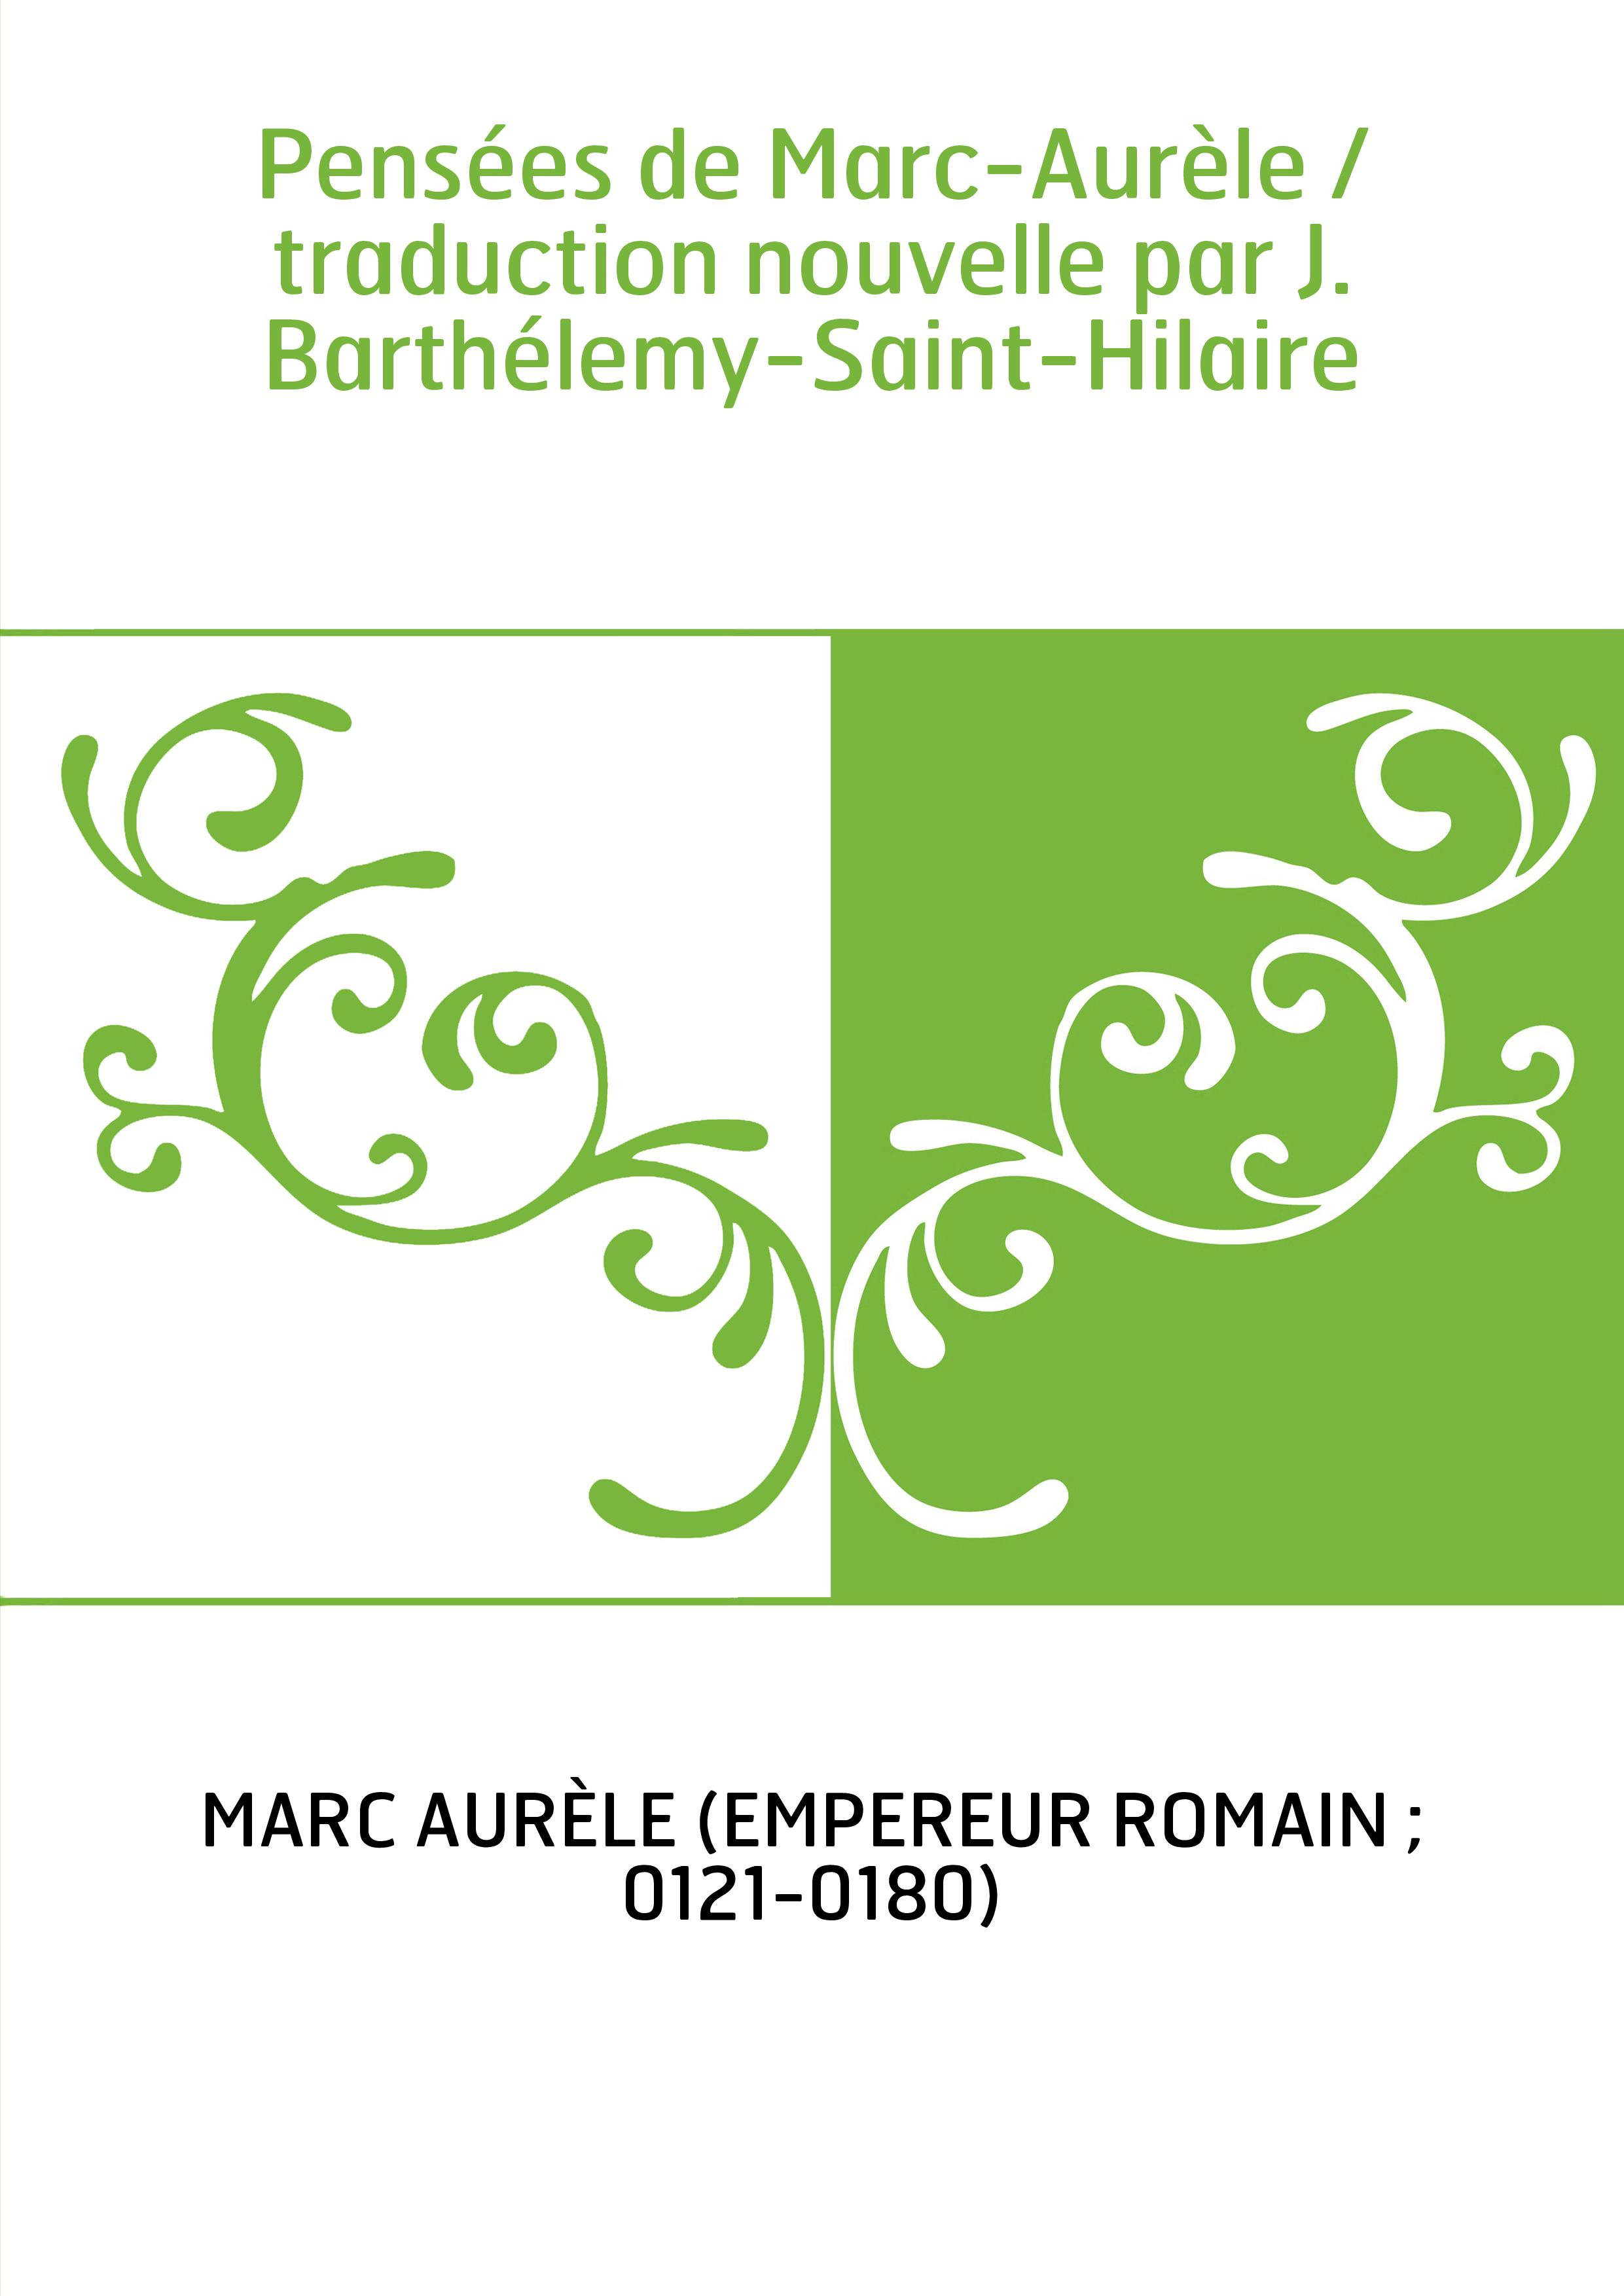 Pensées de Marc-Aurèle / traduction nouvelle par J. Barthélemy-Saint-Hilaire